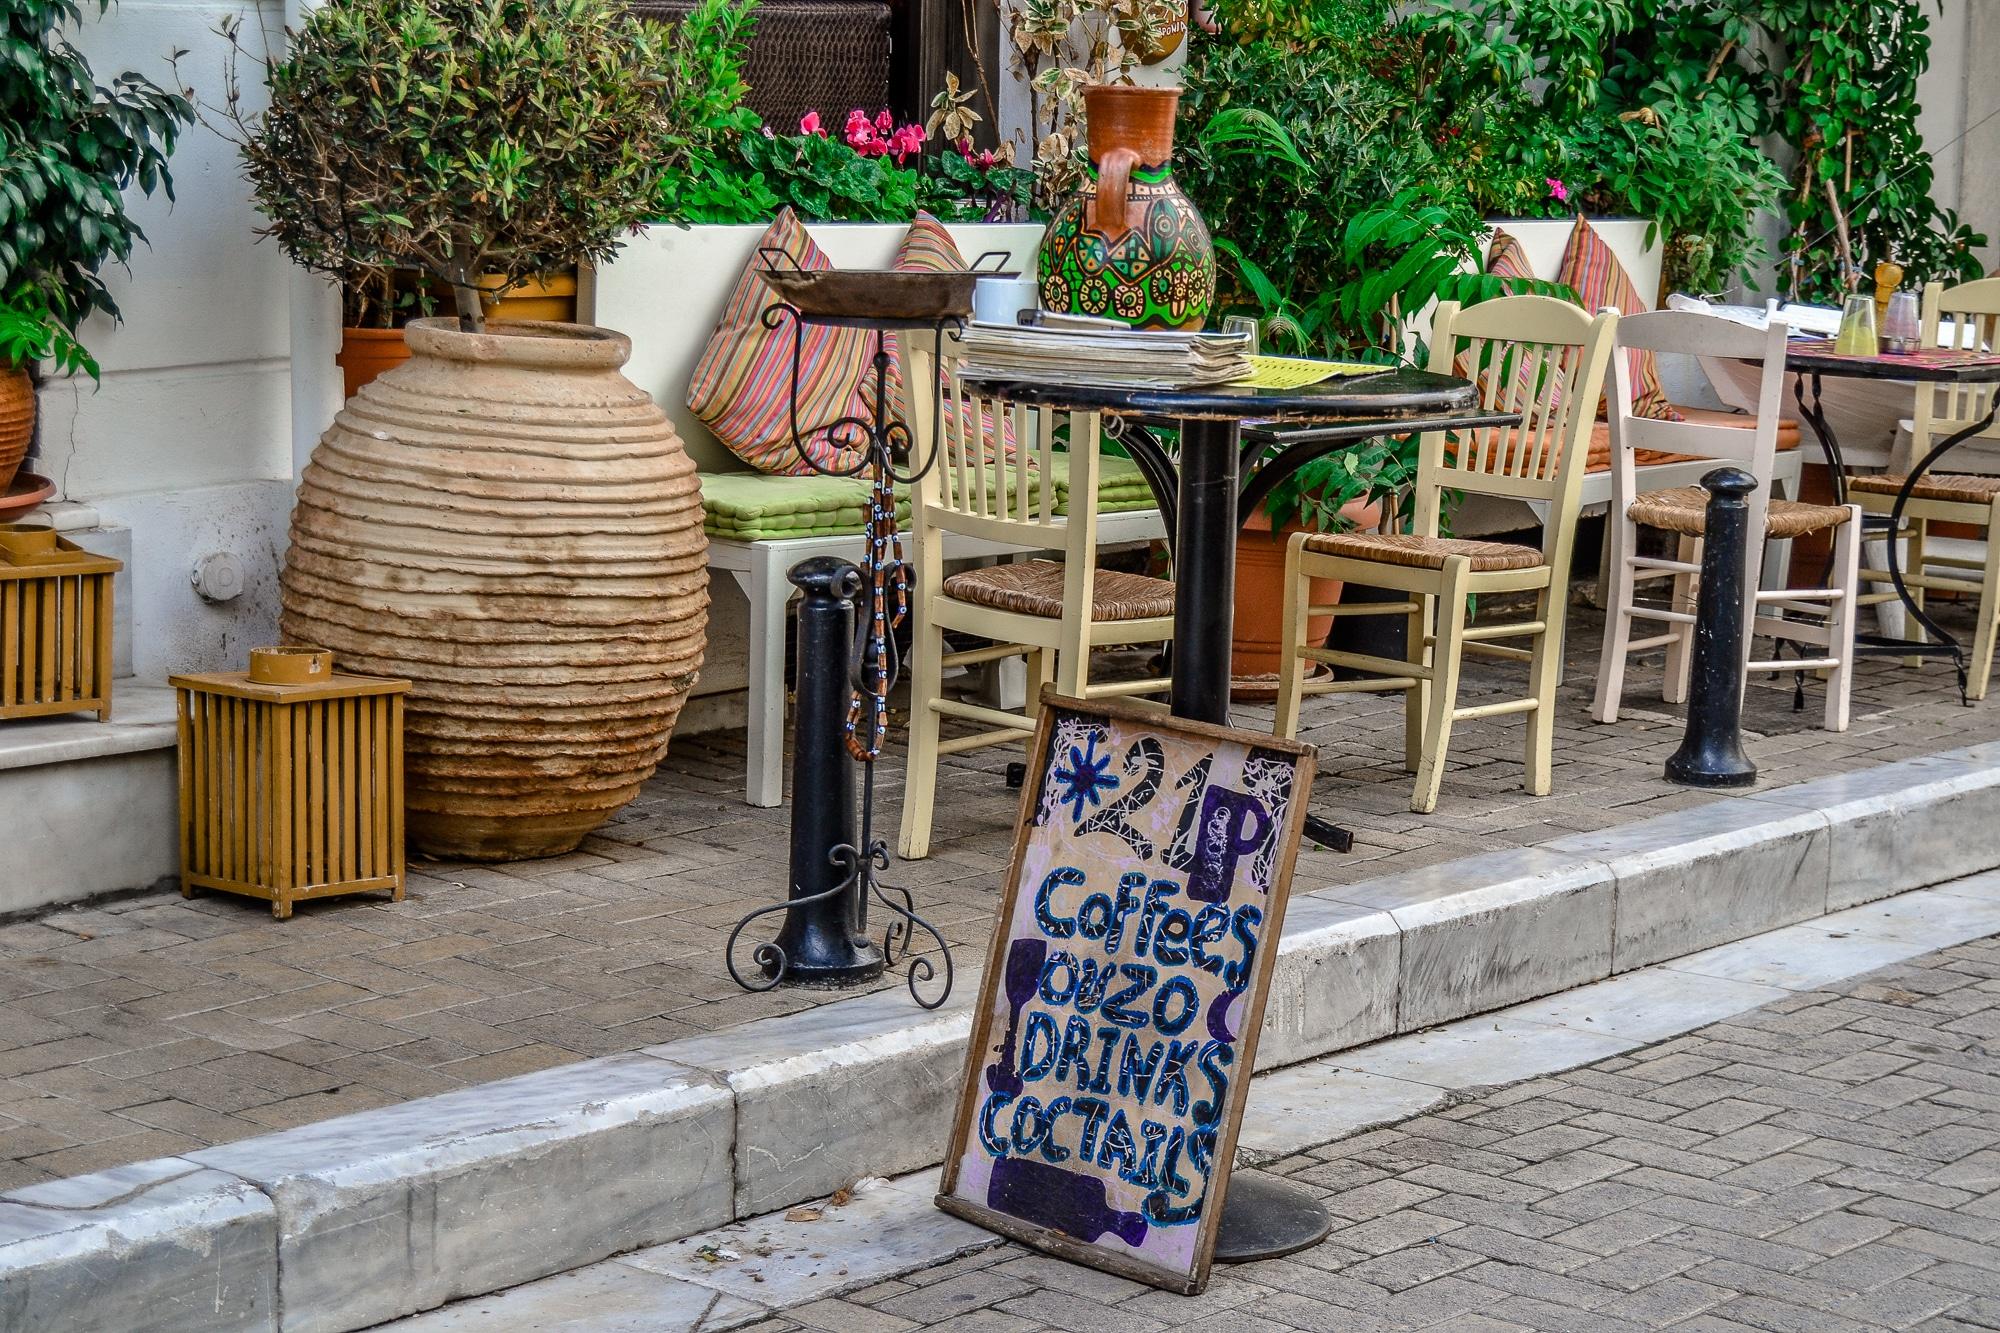 Straßenschild in Athen